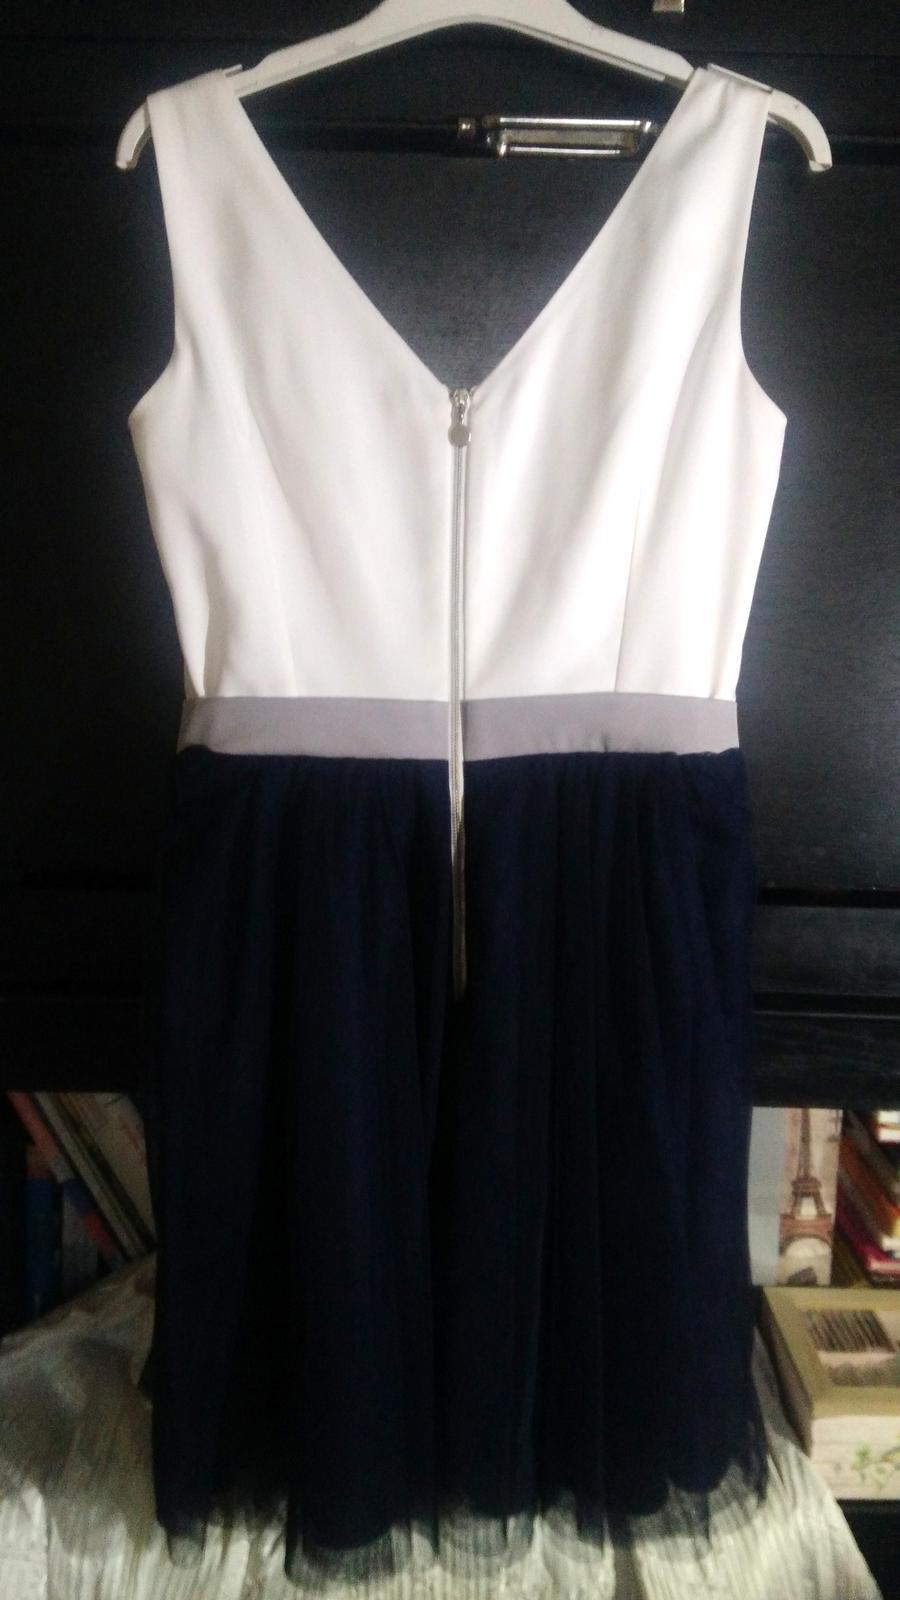 Krátke spoločenské šaty bielo-modrej farby - Obrázok č. 4